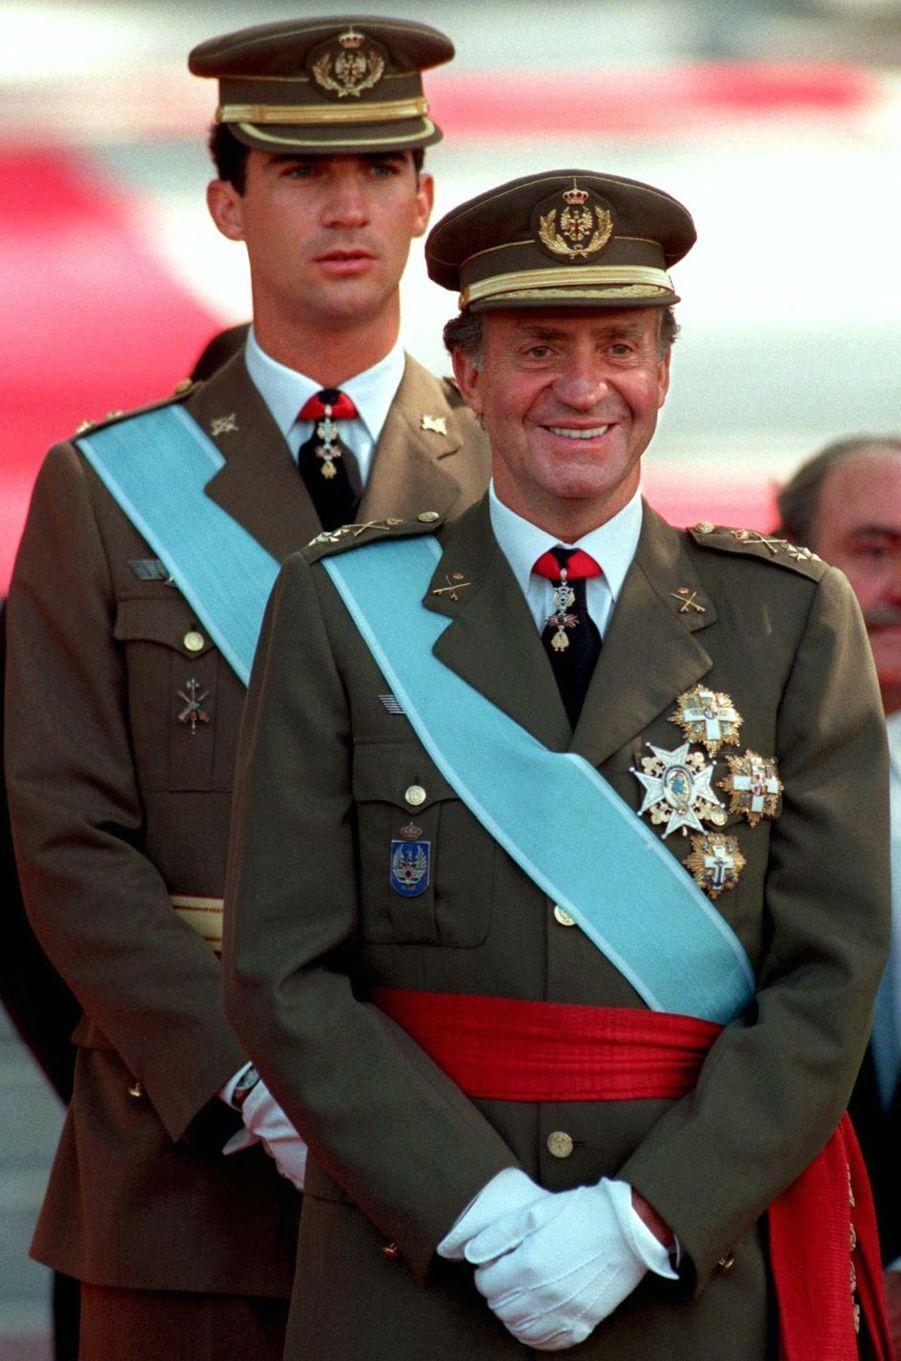 Le roi Juan Carlos Ier d'Espagne et son fils le prince Felipe, le 12 octobre 1995